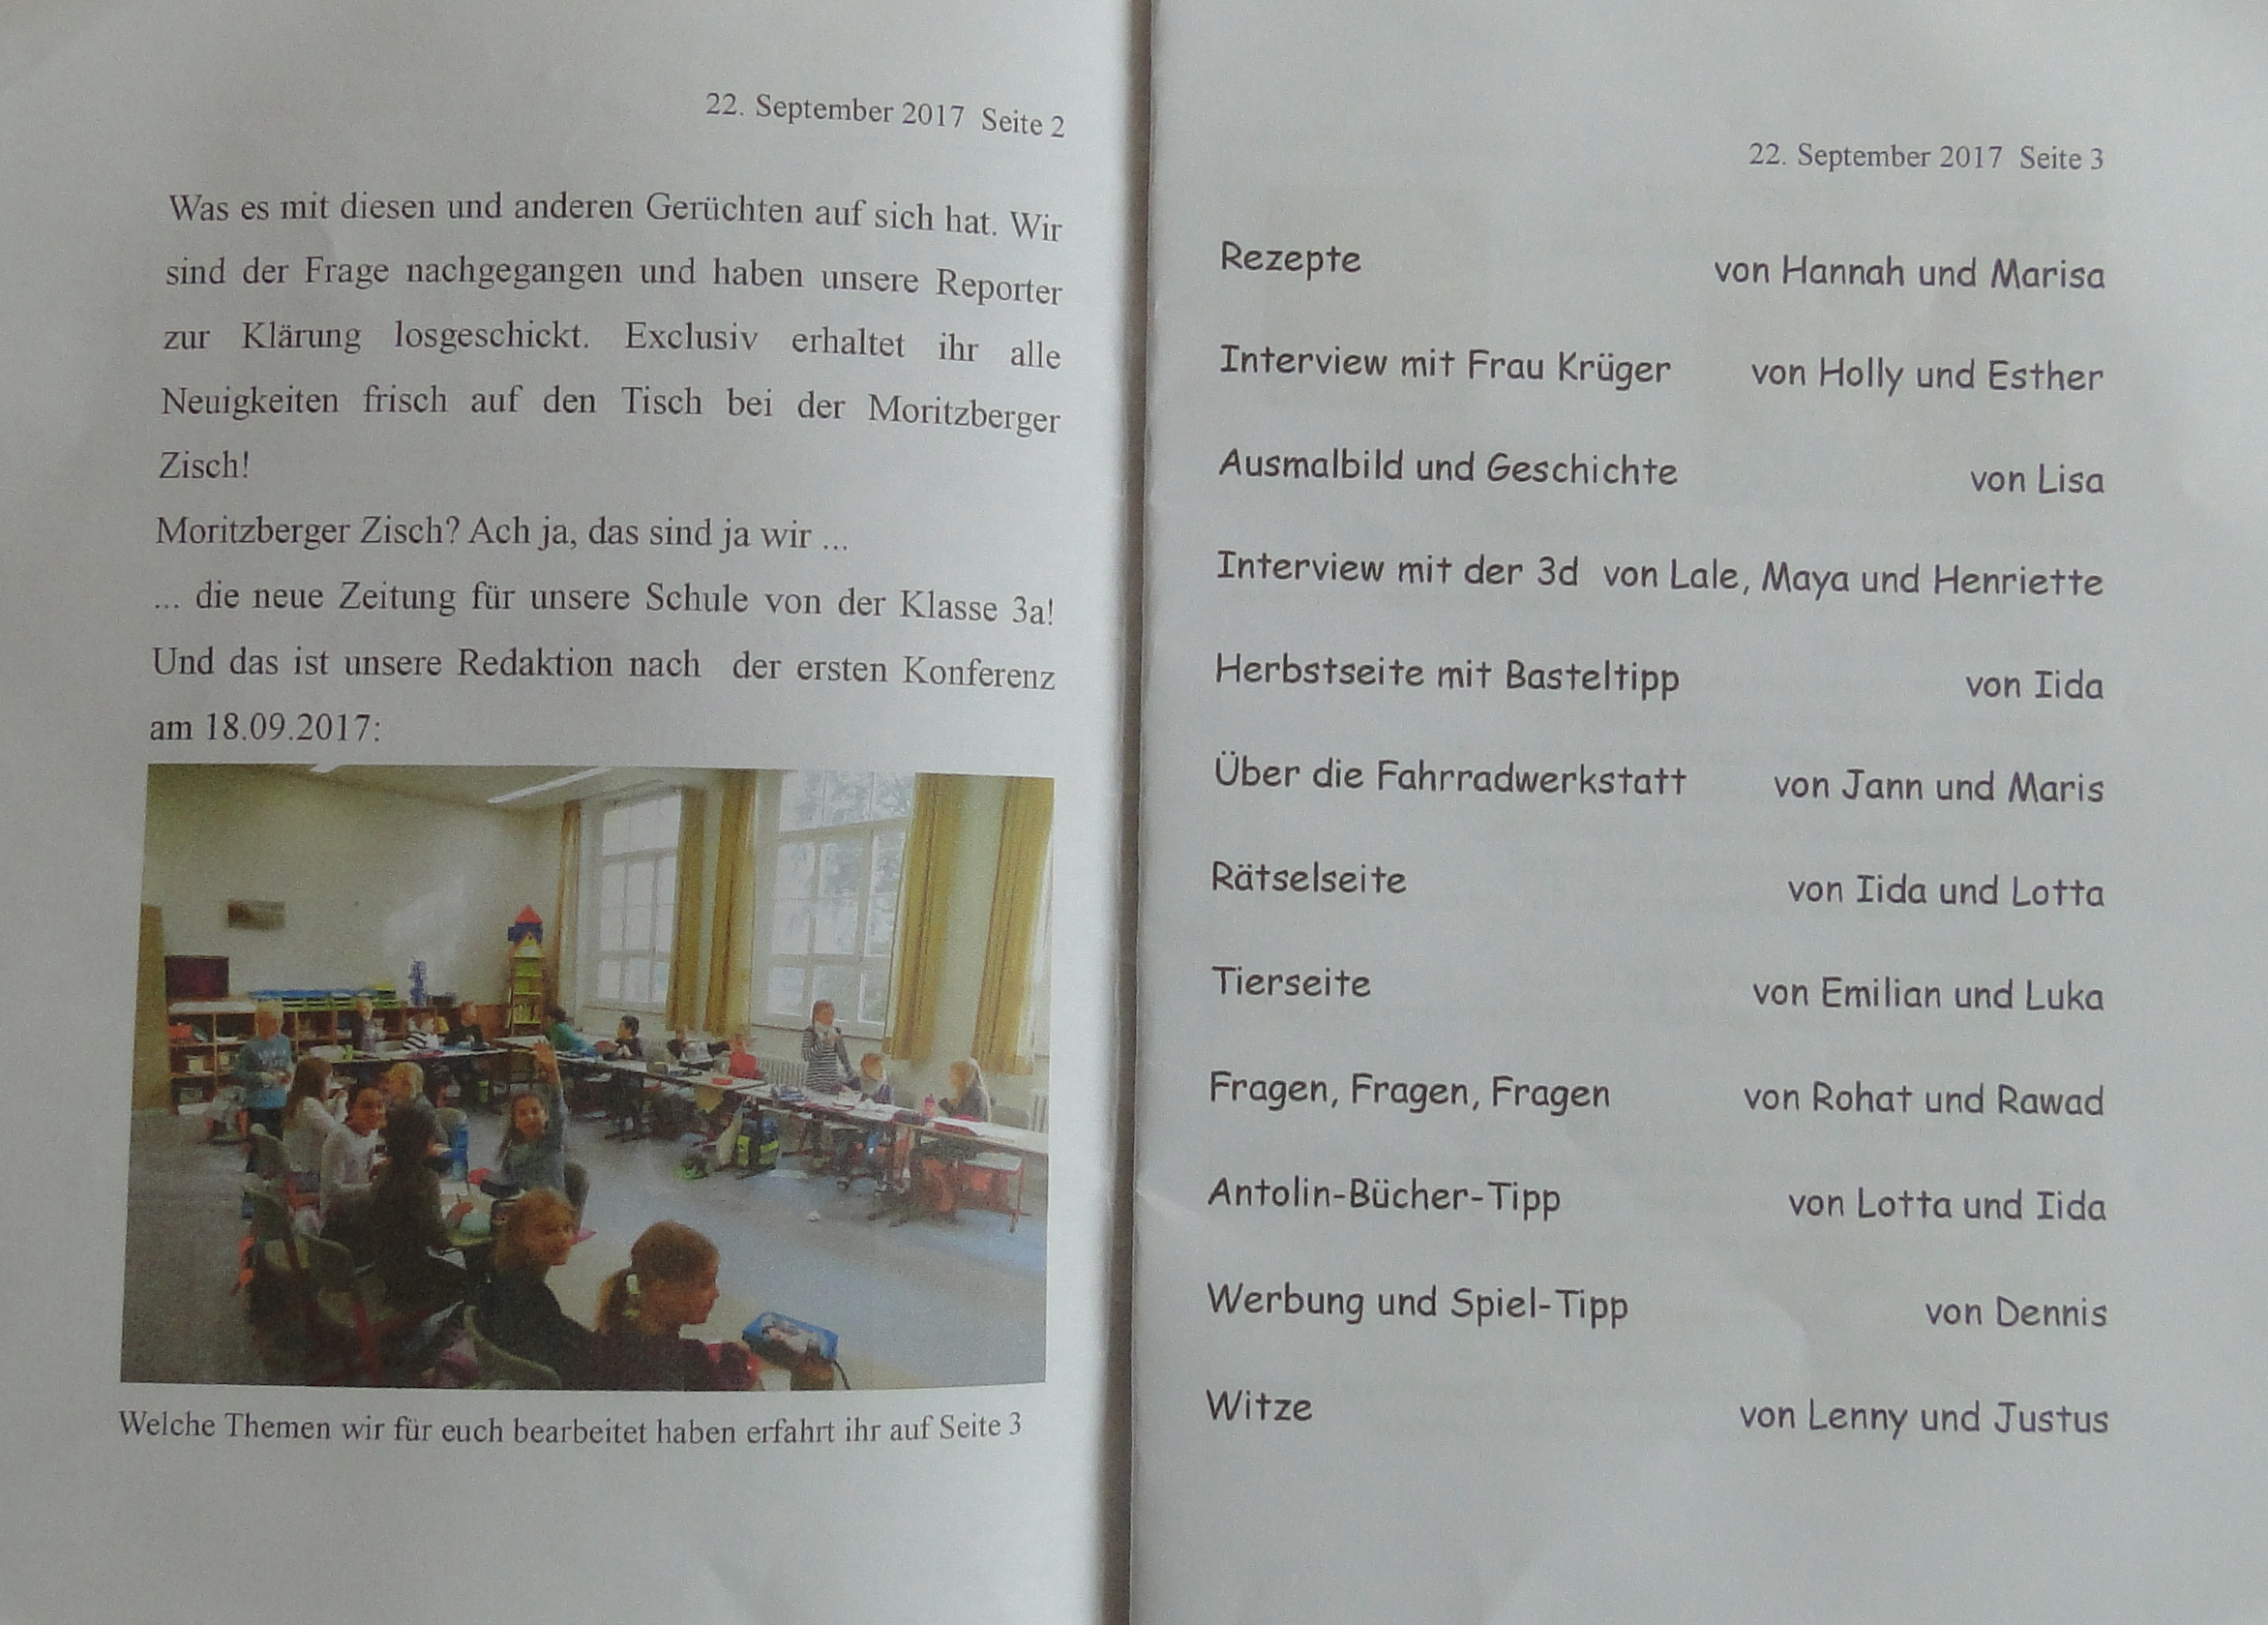 Klettergerüst Ausmalbild : Gelbe schule » moritzberger zisch